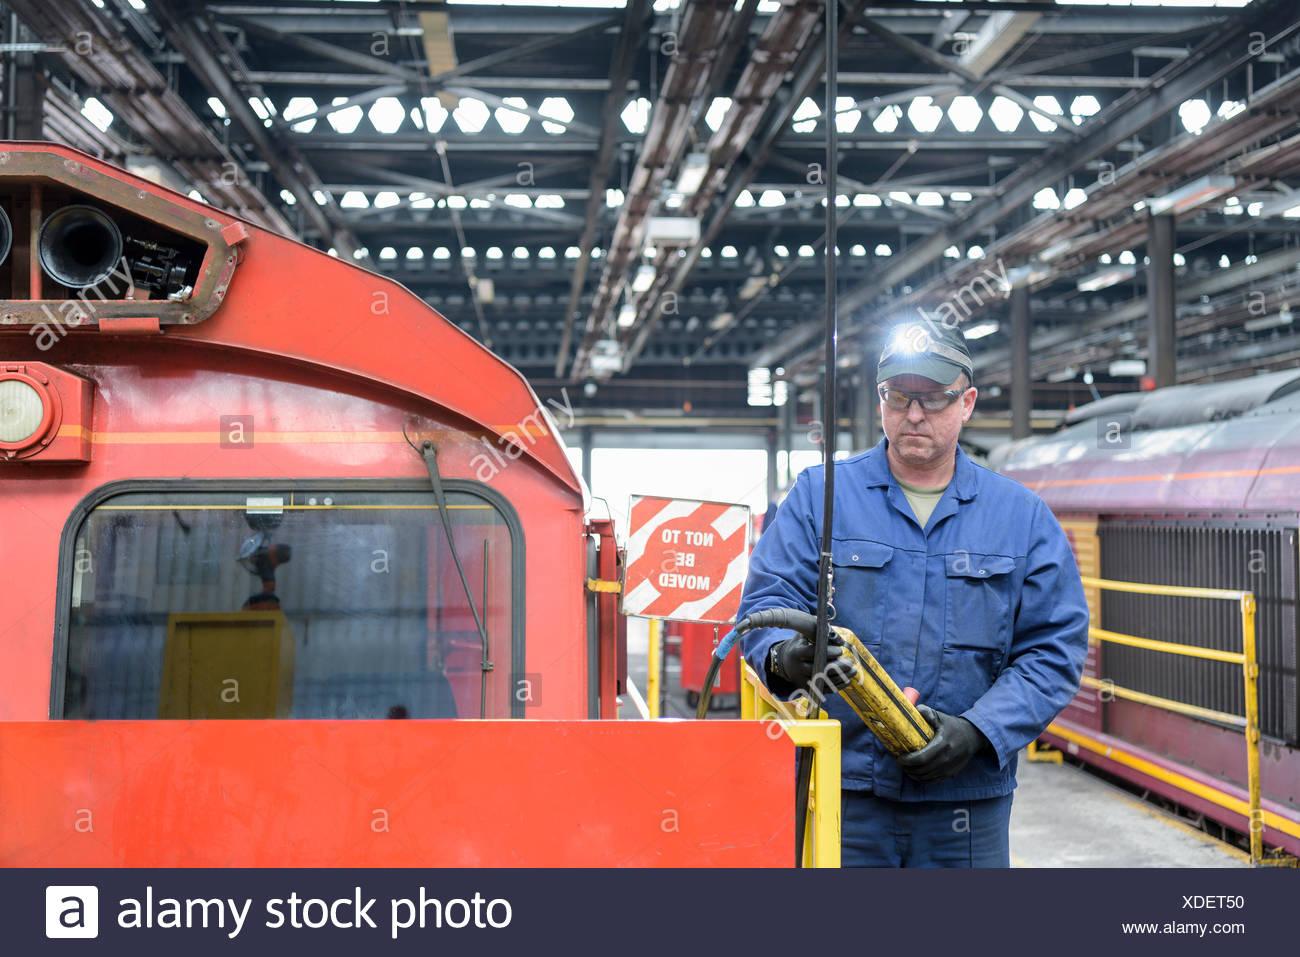 Locomotiva ingegnere in treno funziona Immagini Stock